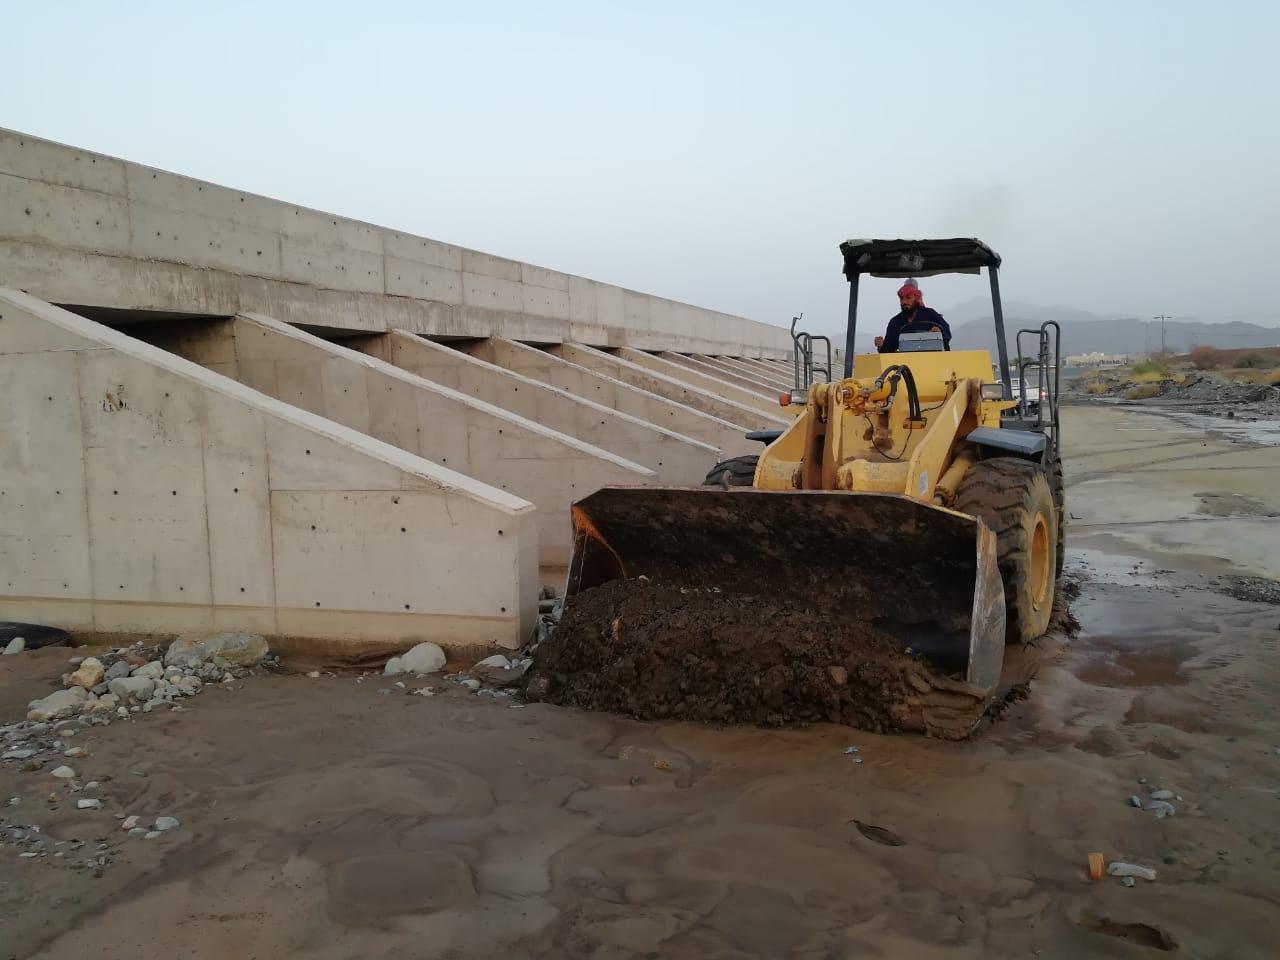 أمانة الباحة تعالج ٤٢ موقعاً ضمن خطة رفع مخلفات الأمطار والسيول